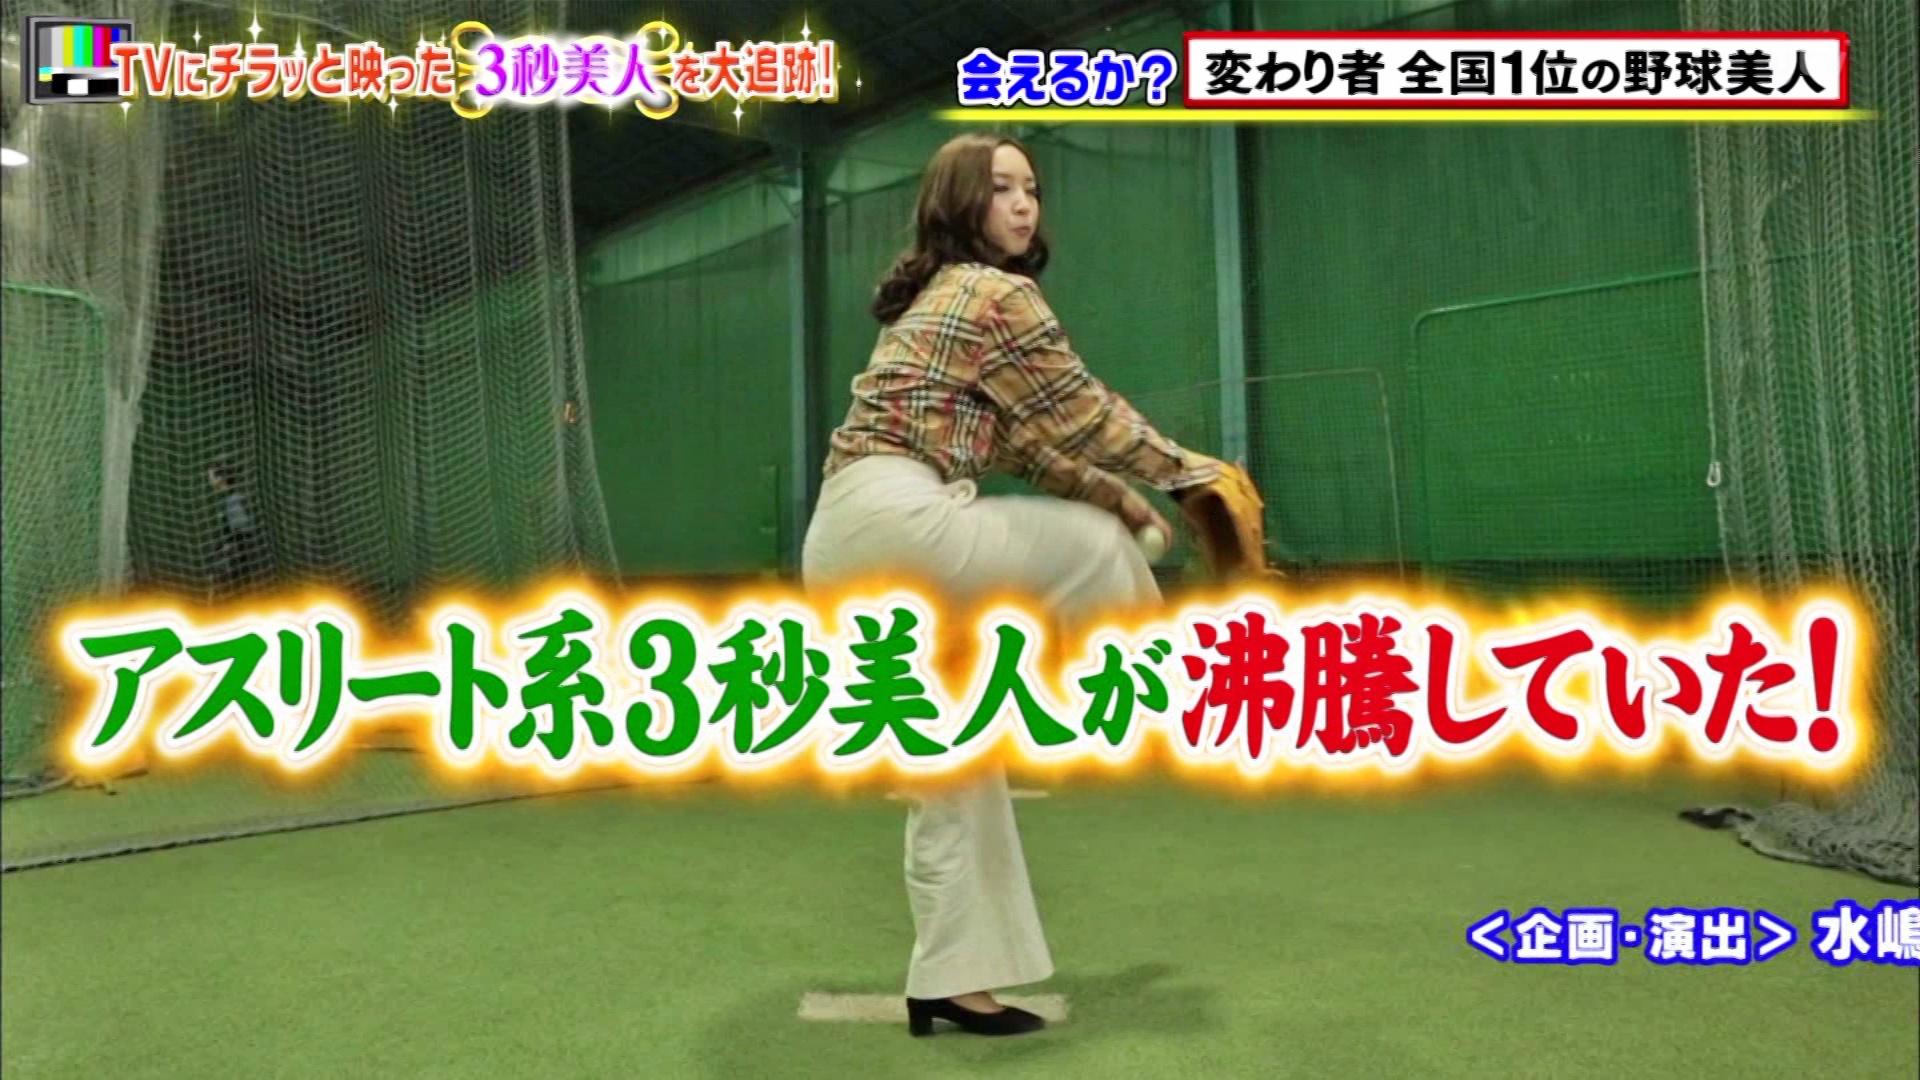 2020年1月24日に放送された「沸騰ワード10」に出演した笹川萌さんのテレビキャプチャー画像-092